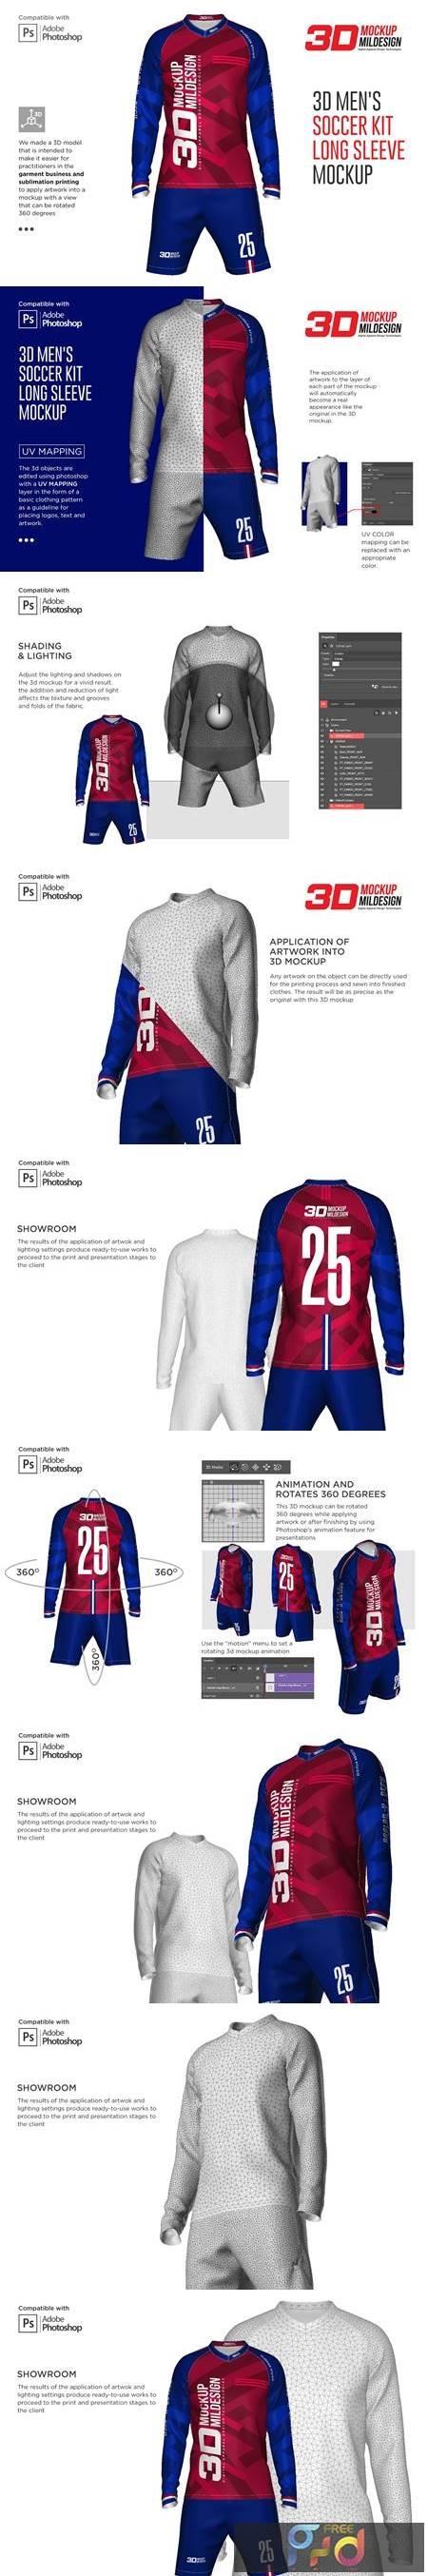 3D Mens Soccer Kit Long Sleeve 5366039 1